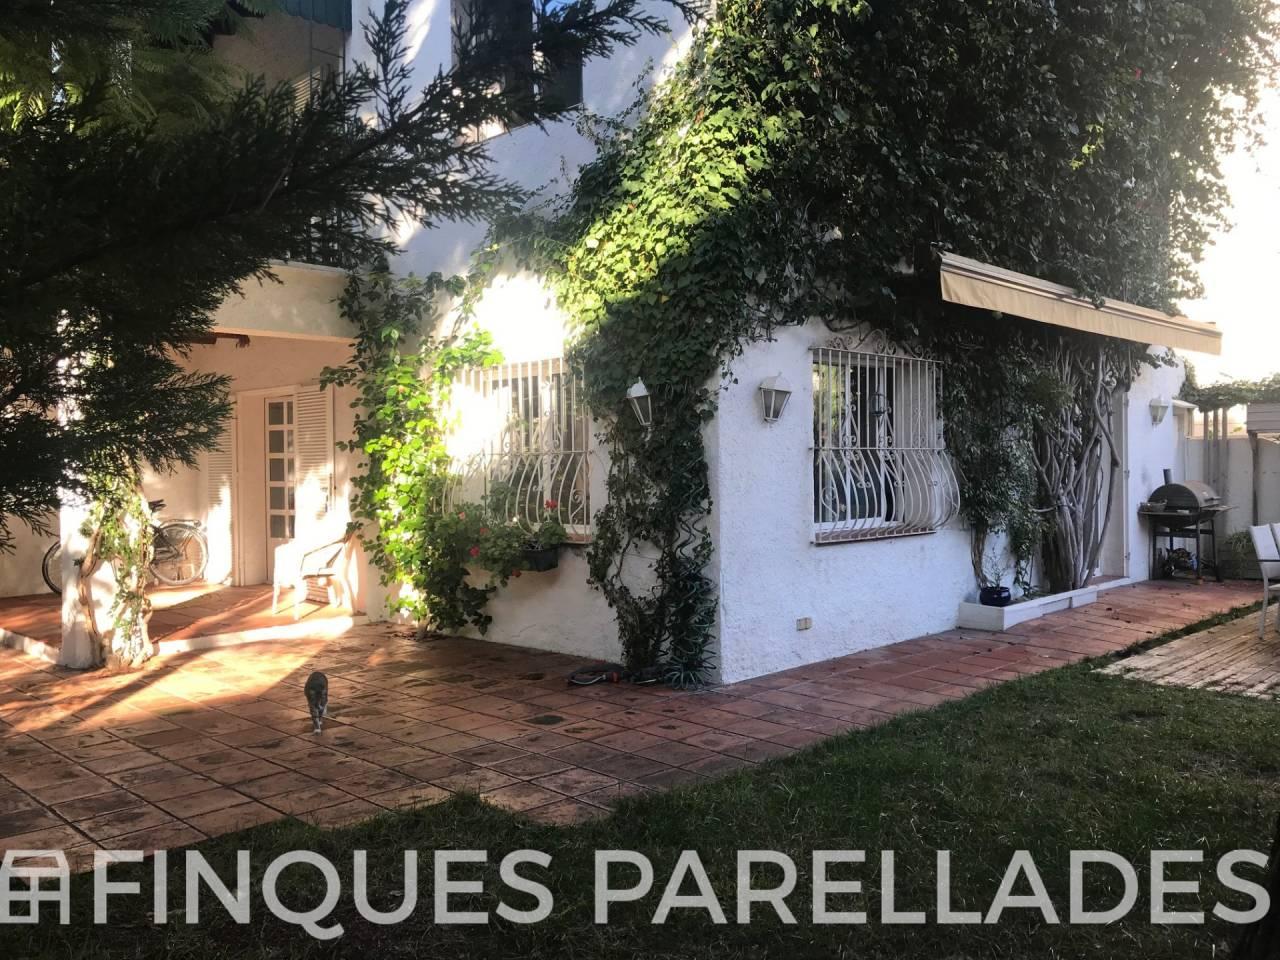 Двухквартирный дом аренда недвижимости в Llevantina-Montgavina-Quint-Mar-Garraf(08870)